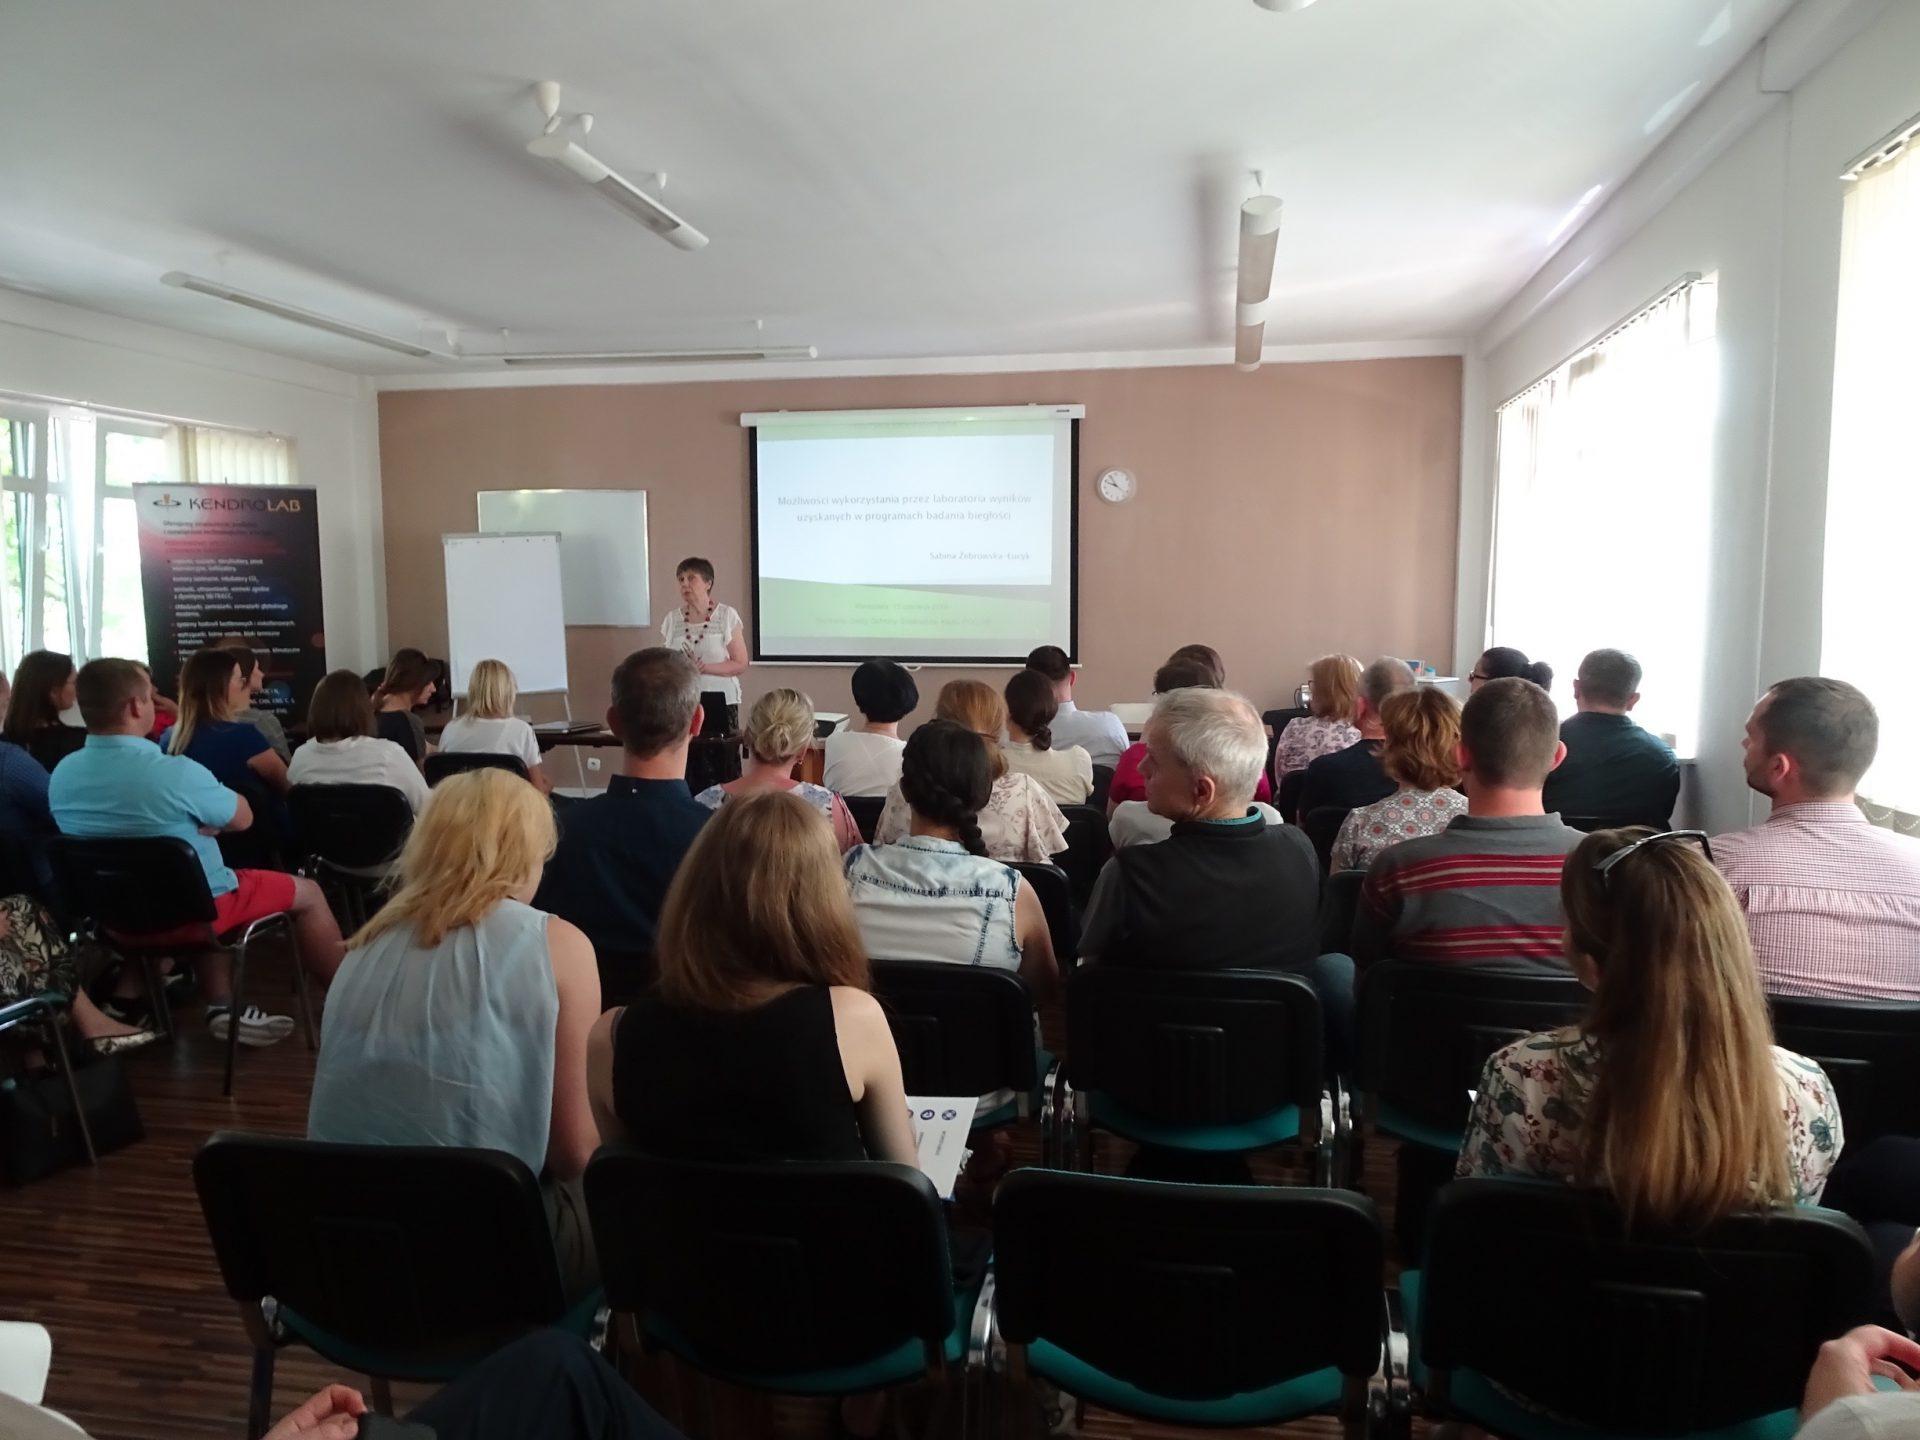 Czerwiec 2019, Spotkanie Sekcji Ochrony Środowiska Klubu POLLAB, Warszawa